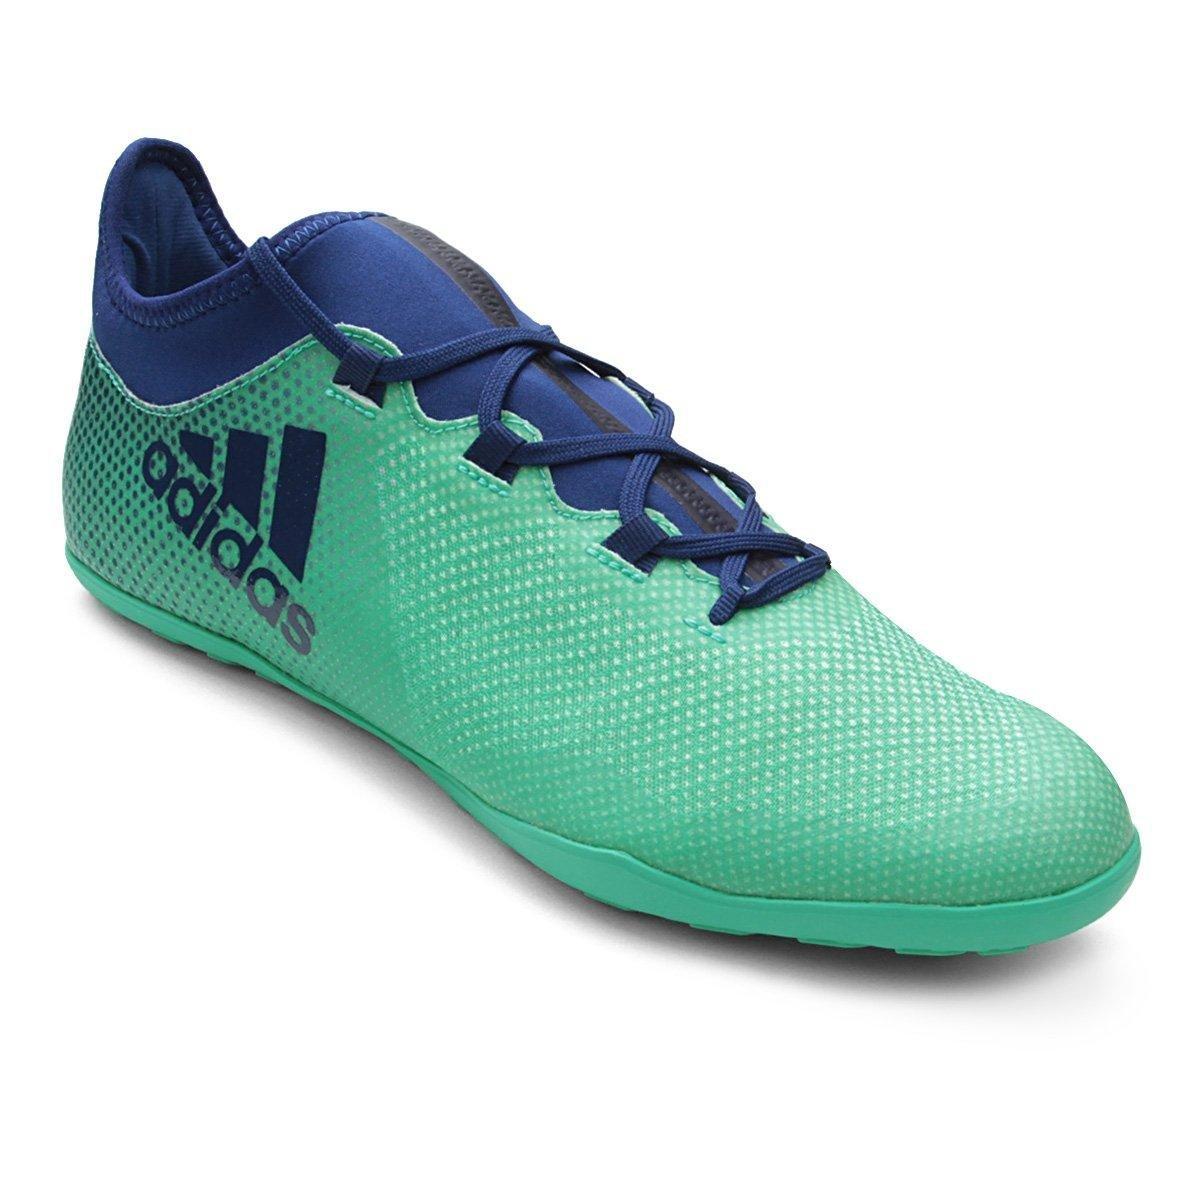 azul azul adidas x 17.3 1c395 18042 - javiprojects.com e8988e708b4a8